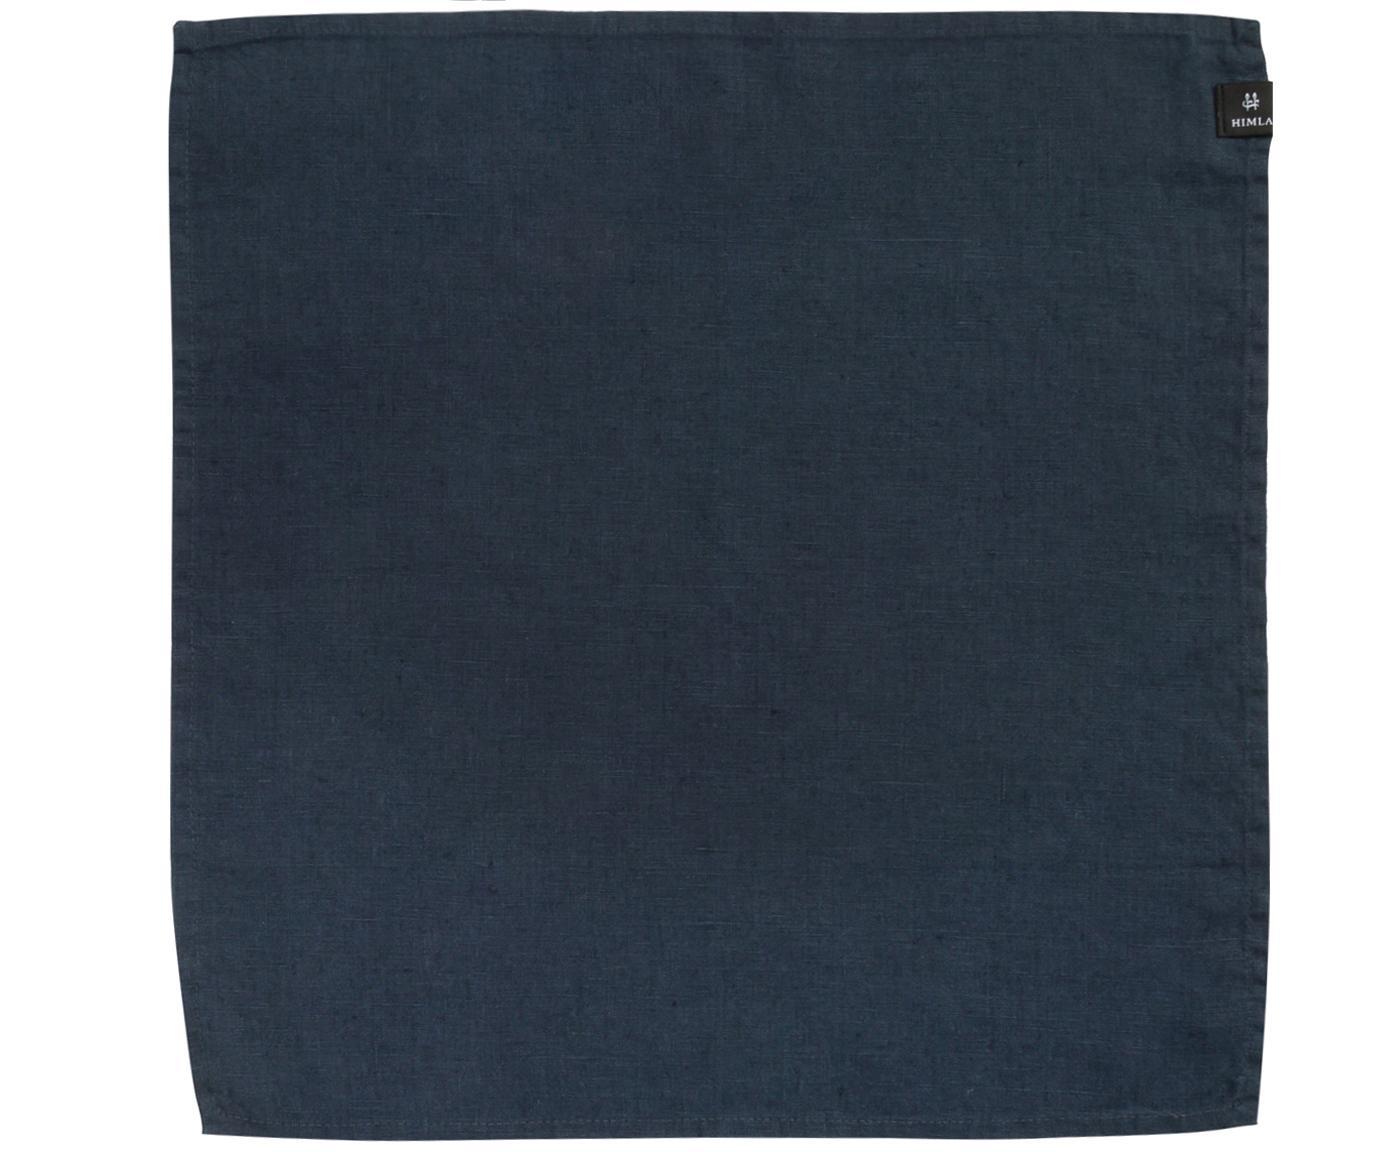 Linnen servetten Sunshine, 4 stuks, Linnen, Staalblauw, 45 x 45 cm